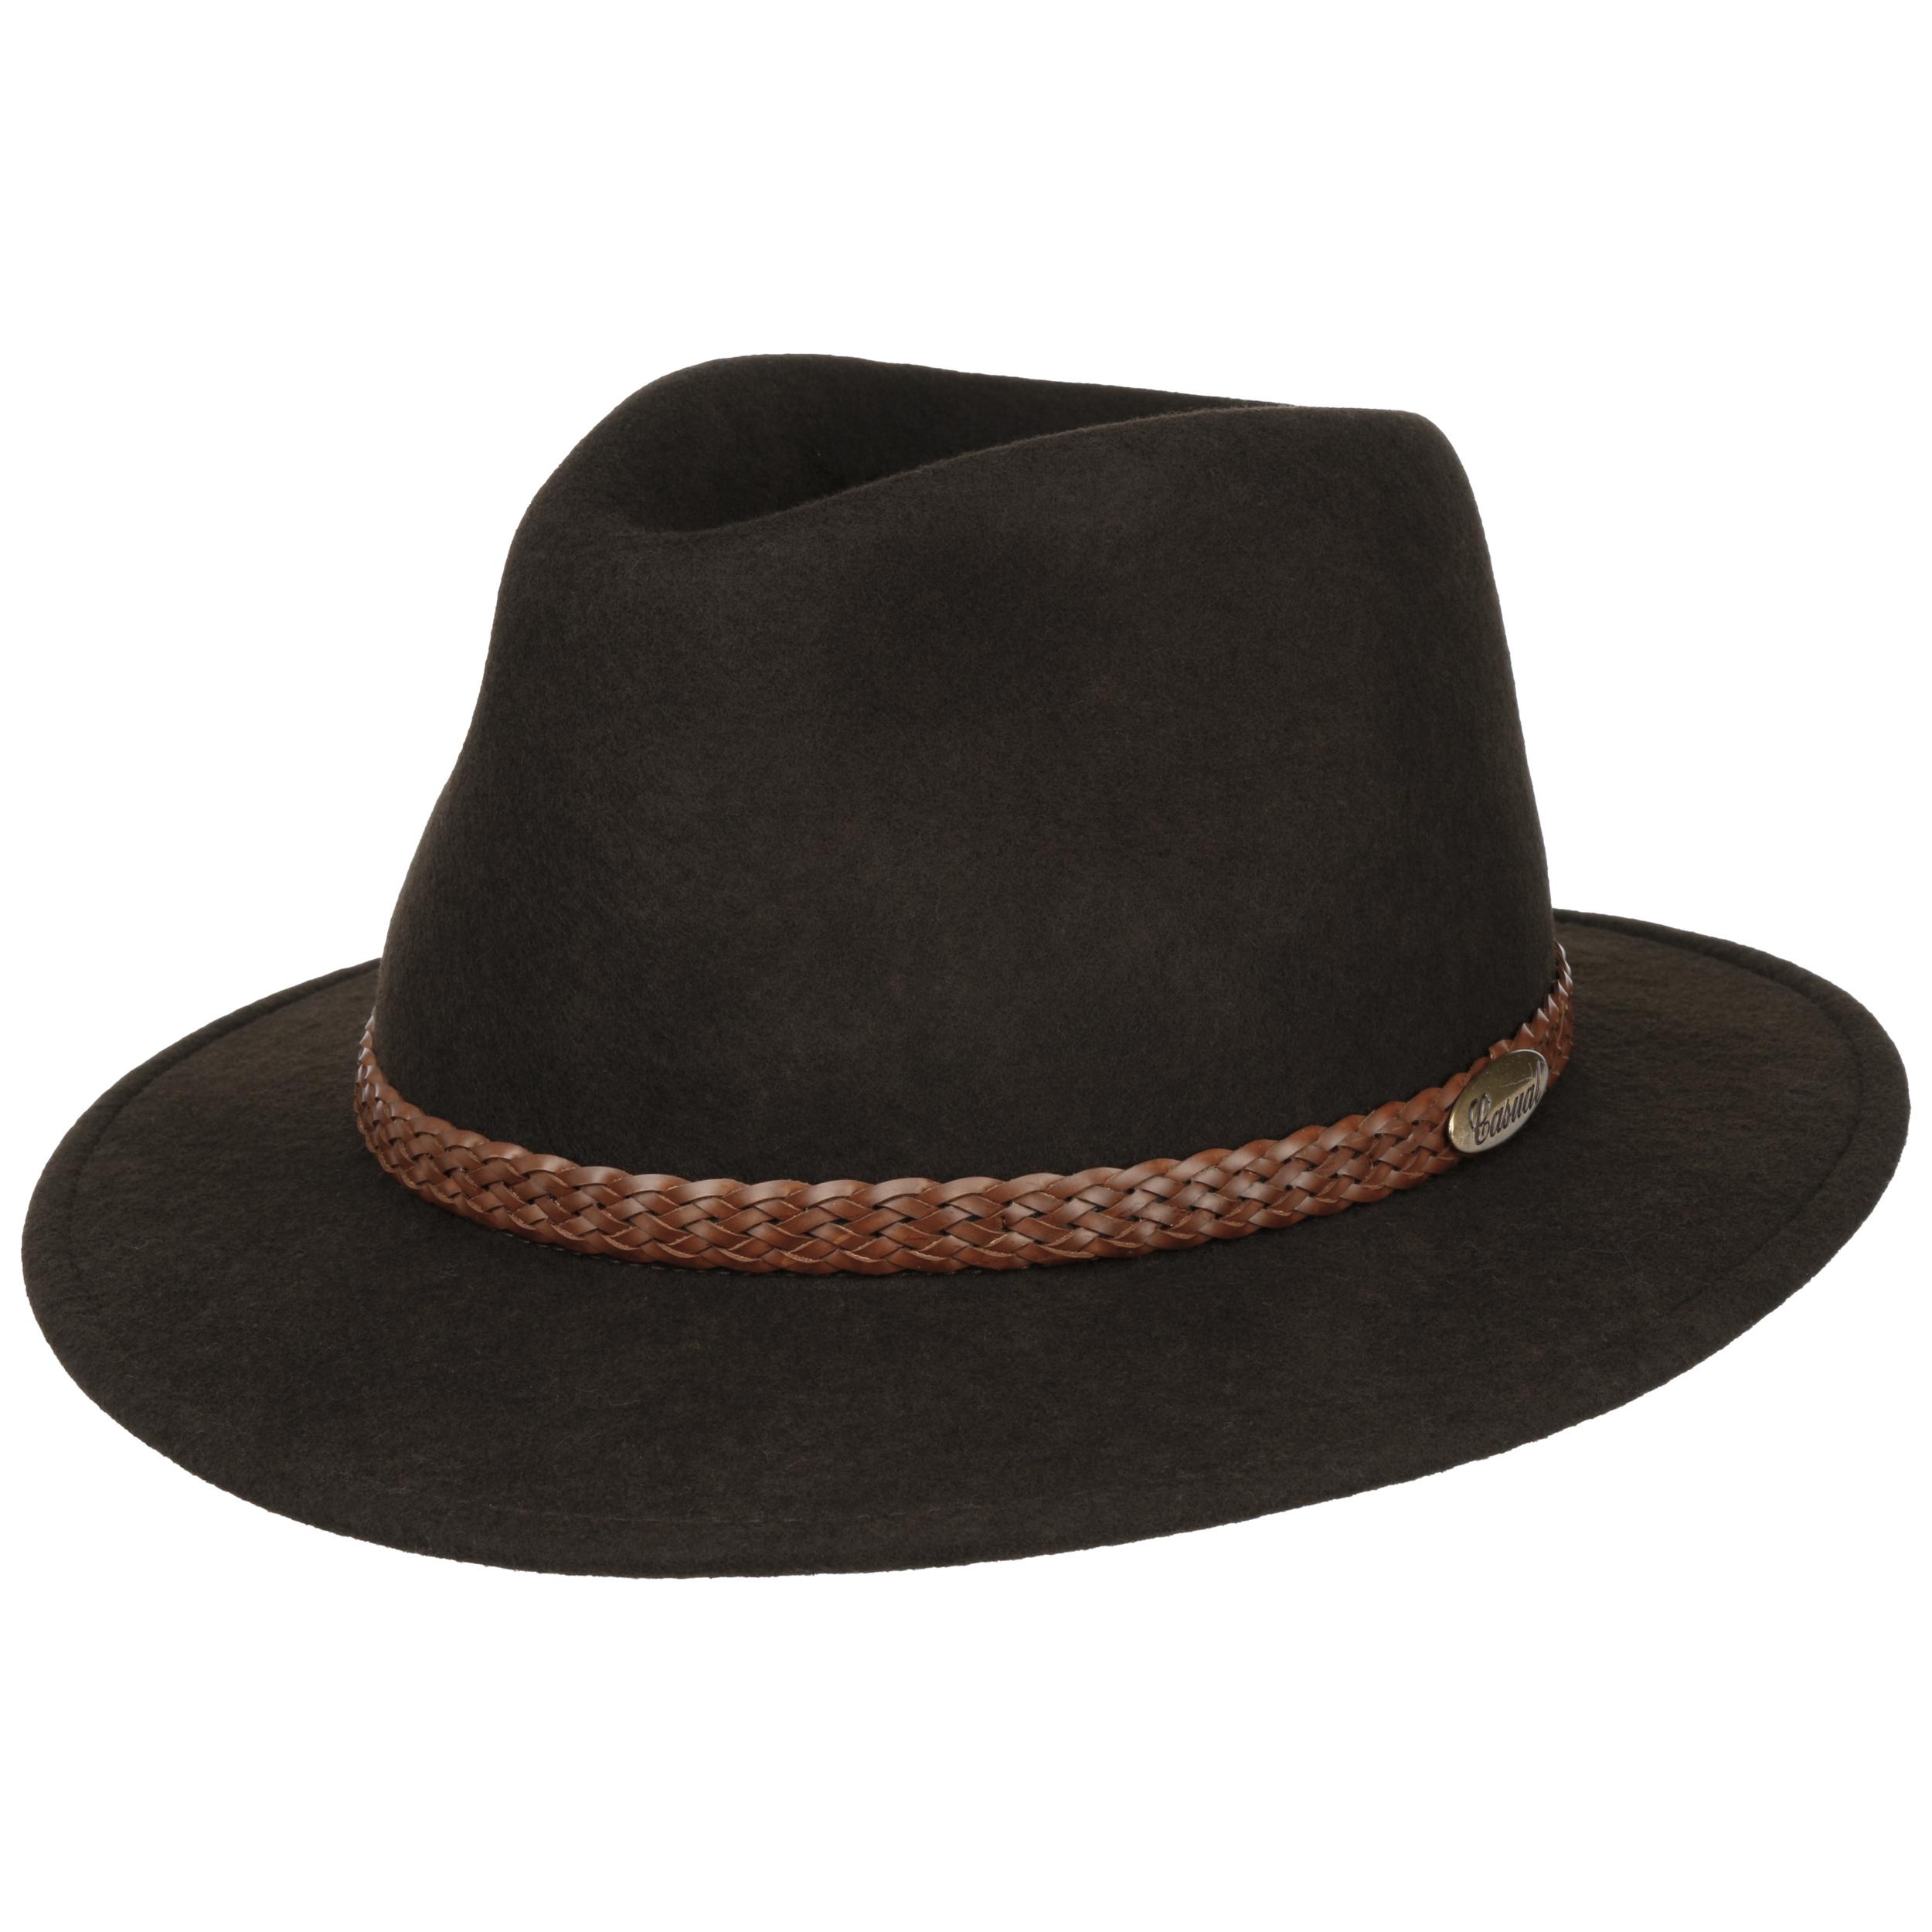 Sombrero Casual Light Traveller by Lierys - Sombreros - sombreroshop.es e33f11691f85